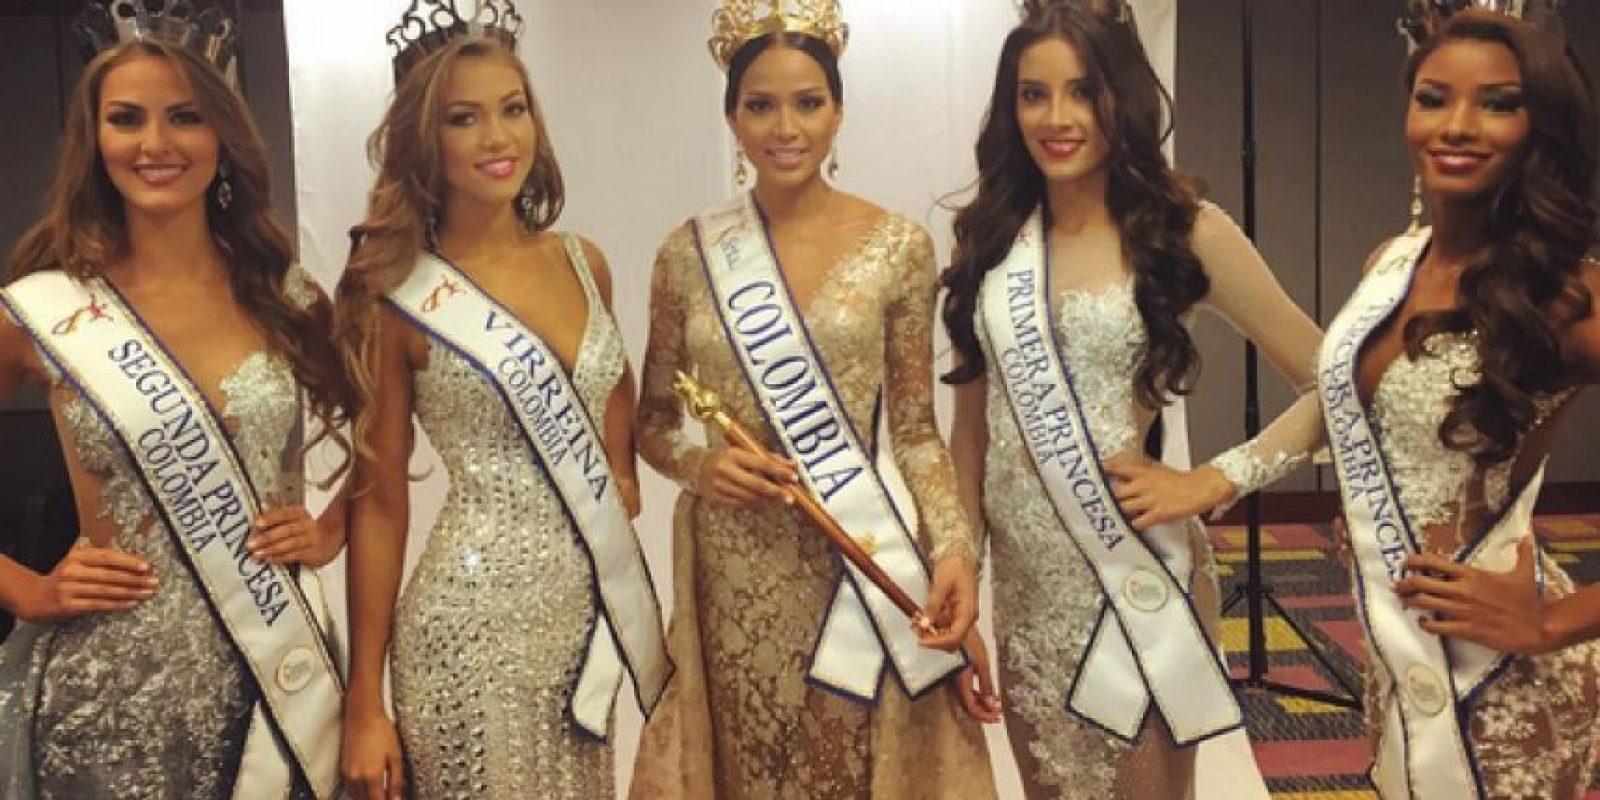 Daniela fue elegida como Virreina Nacional de la Belleza Foto:Instagram Reinado Colombia